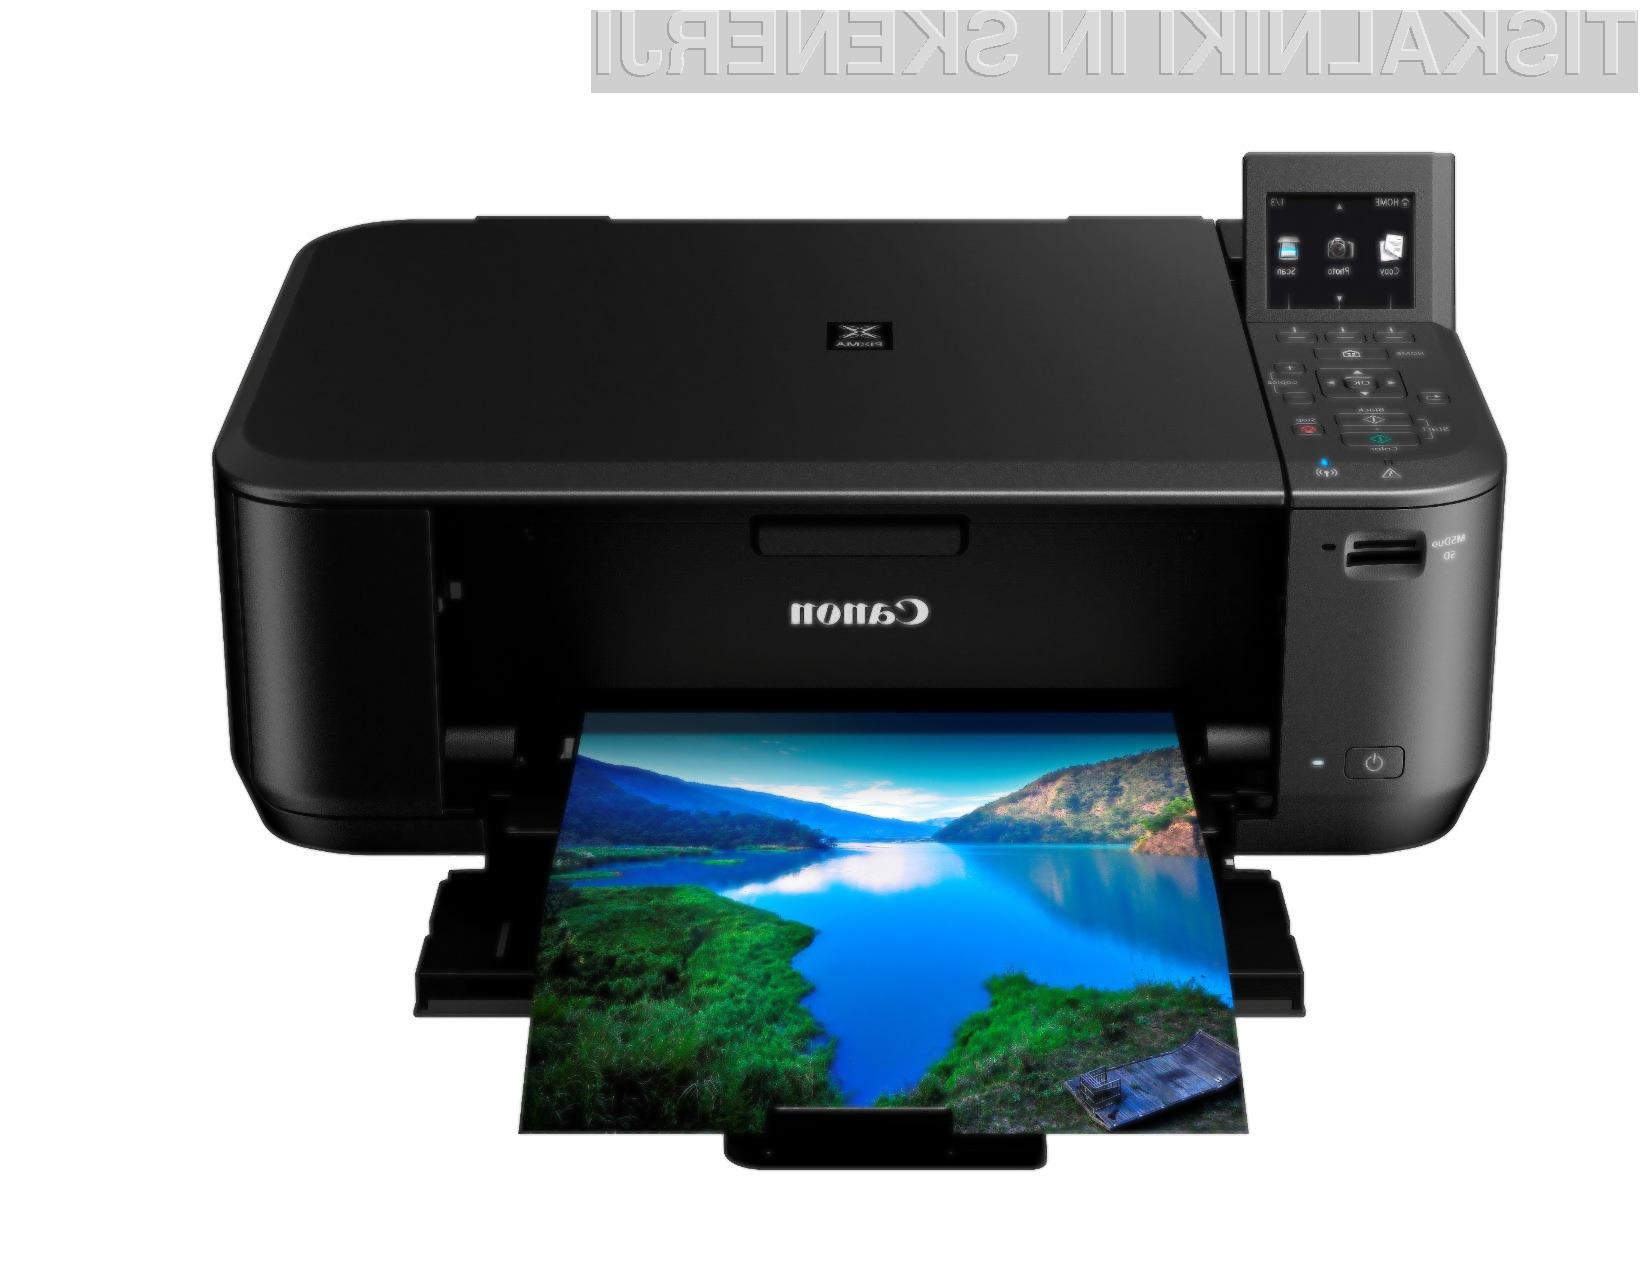 Novi Canonovi tiskalniki so optimizirani za spletno tiskanje in domači tisk fotografij.